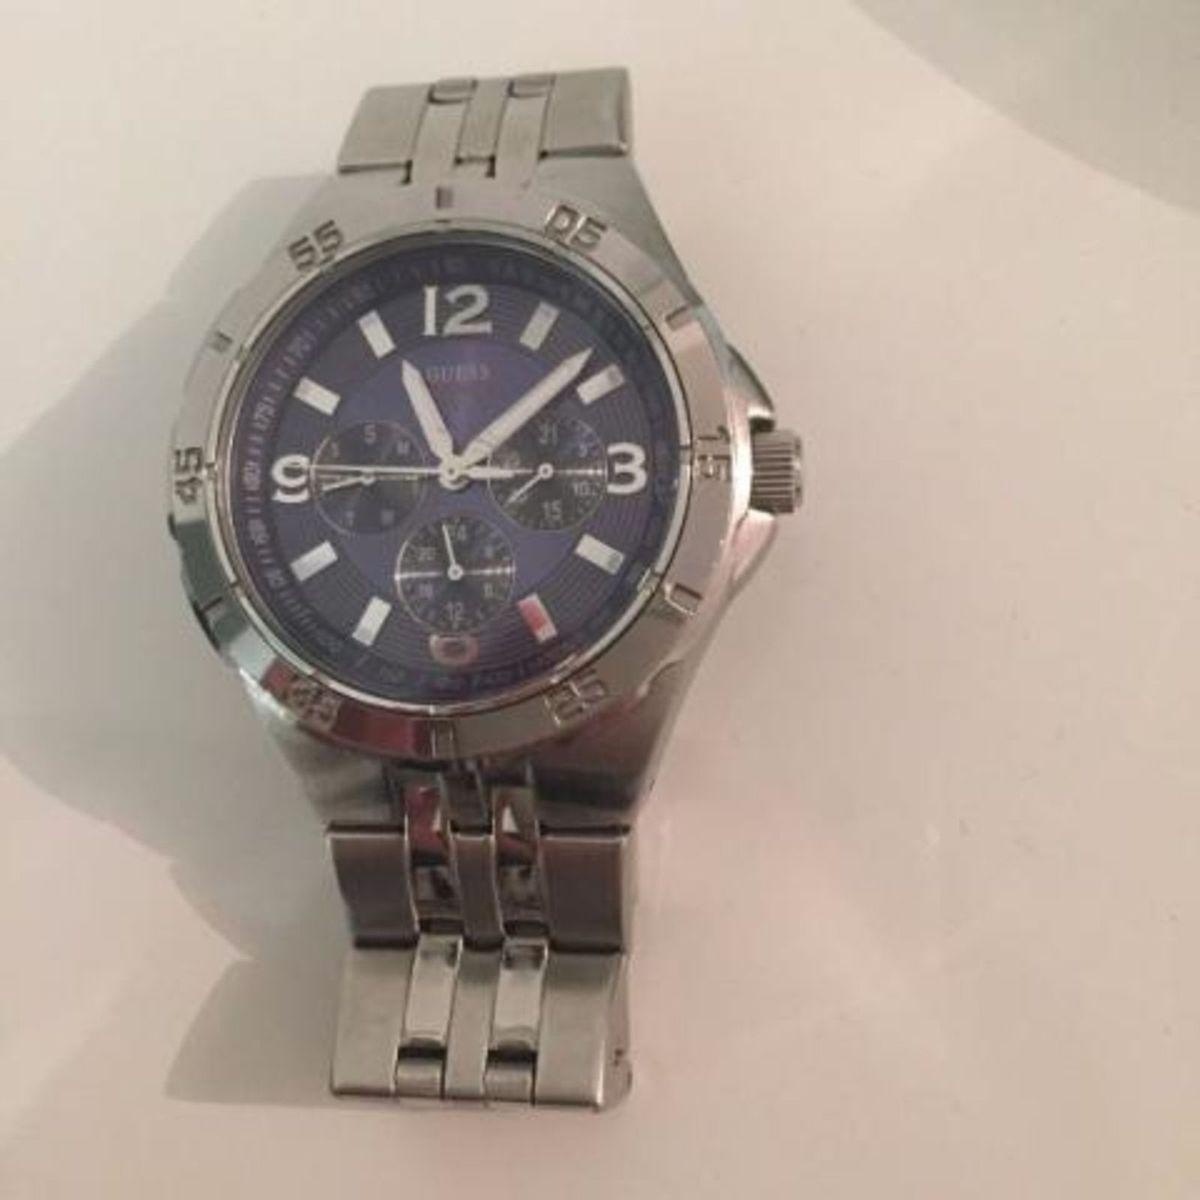 8855c2feca2 relógio guess masculino usado - relógios guess.  Czm6ly9wag90b3muzw5qb2vplmnvbs5ici9wcm9kdwn0cy81ntgxmtgvzgvlywq1njrmnjm2zjnizwnmotgxy2vkothkotk5mgyuanbn  ...